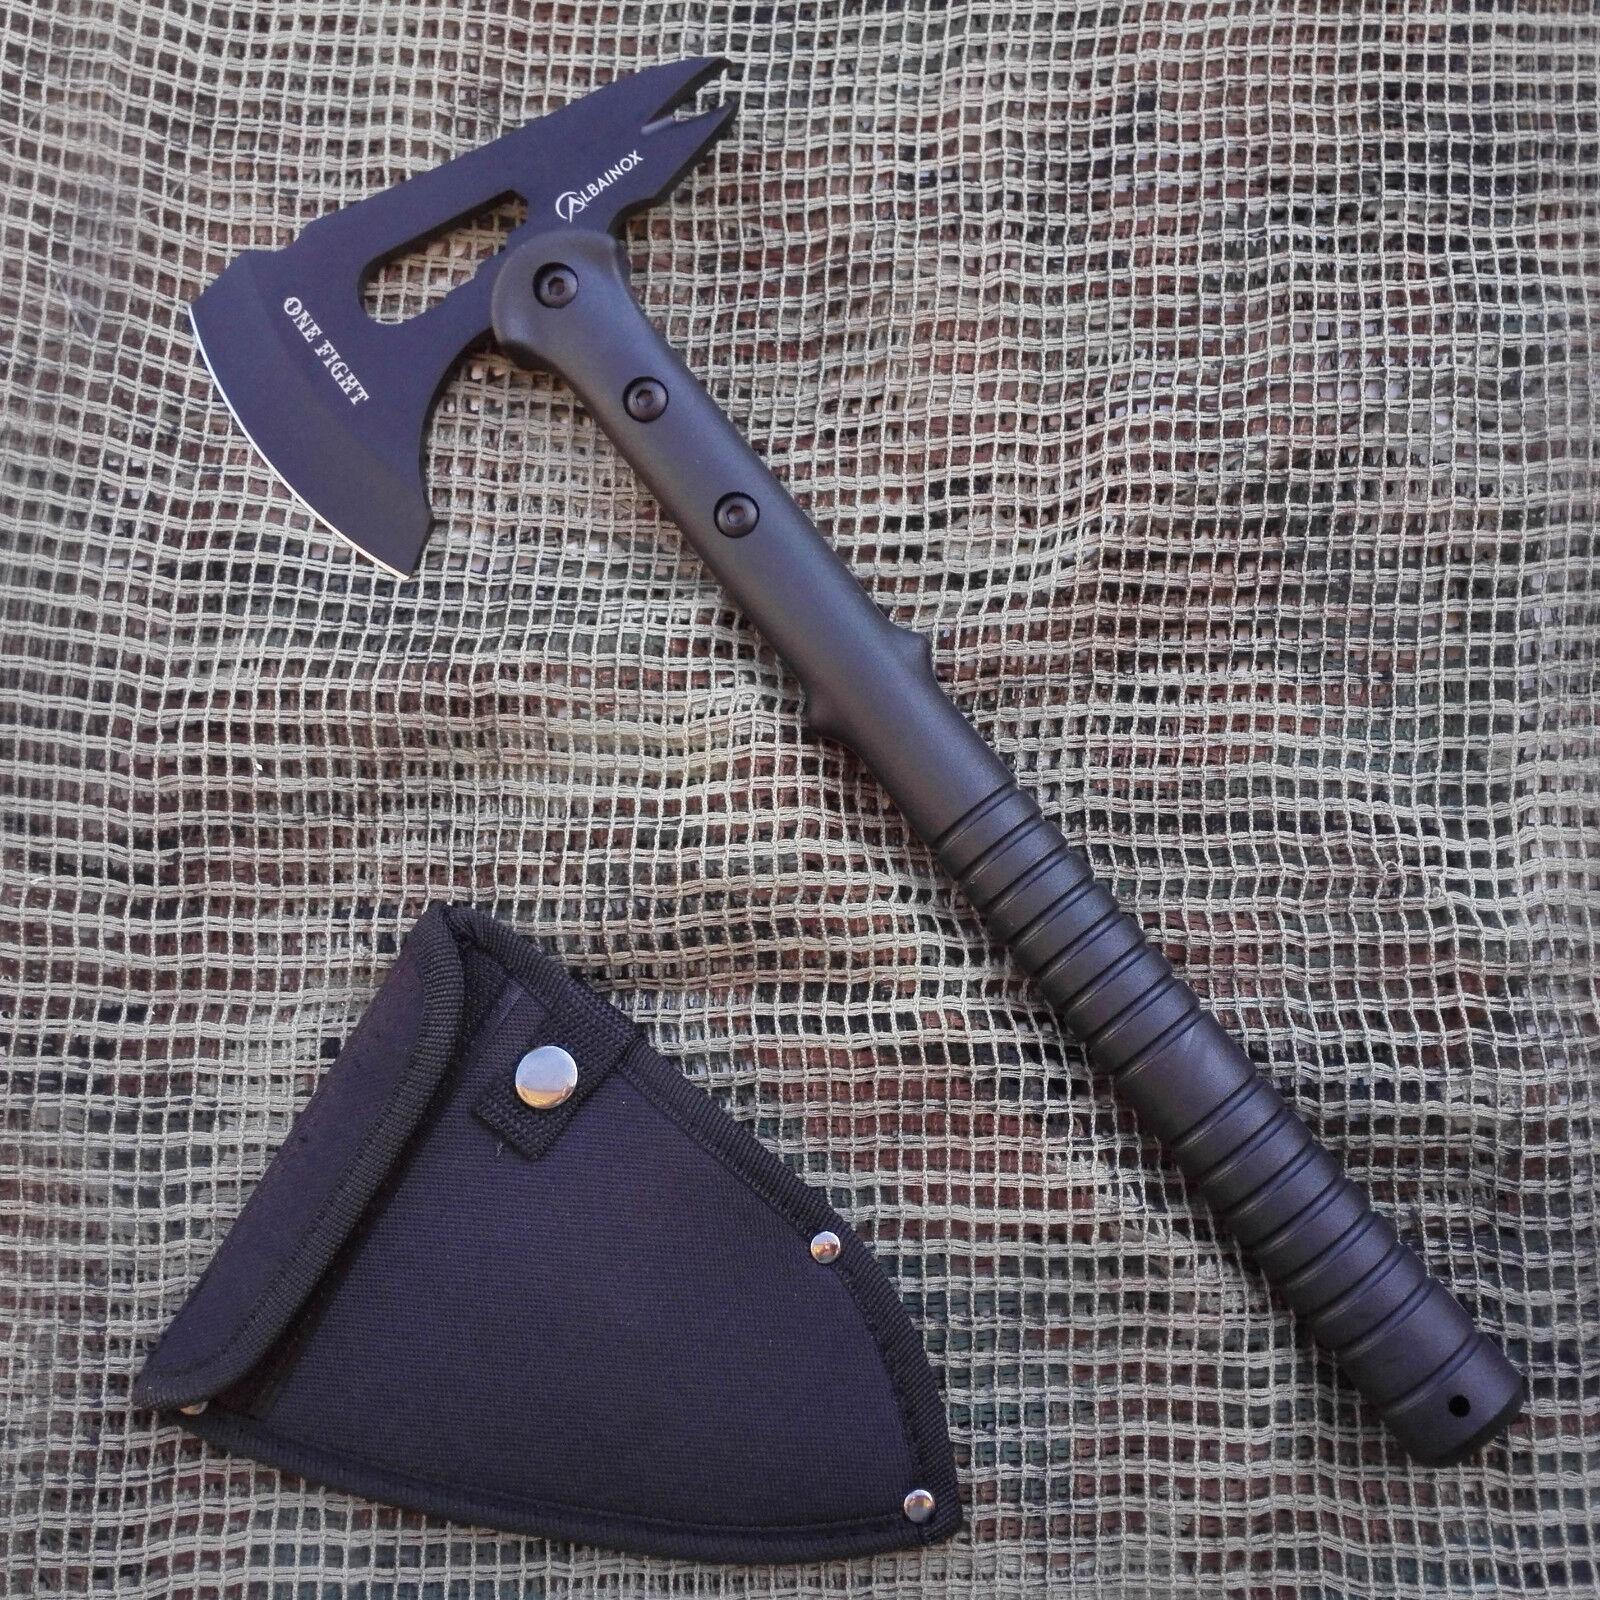 HACHA TACTICA ALBAINOX ONE SUPERVIVENCIA FIGHT HATCHET ASCIA HACHE SUPERVIVENCIA ONE 064598